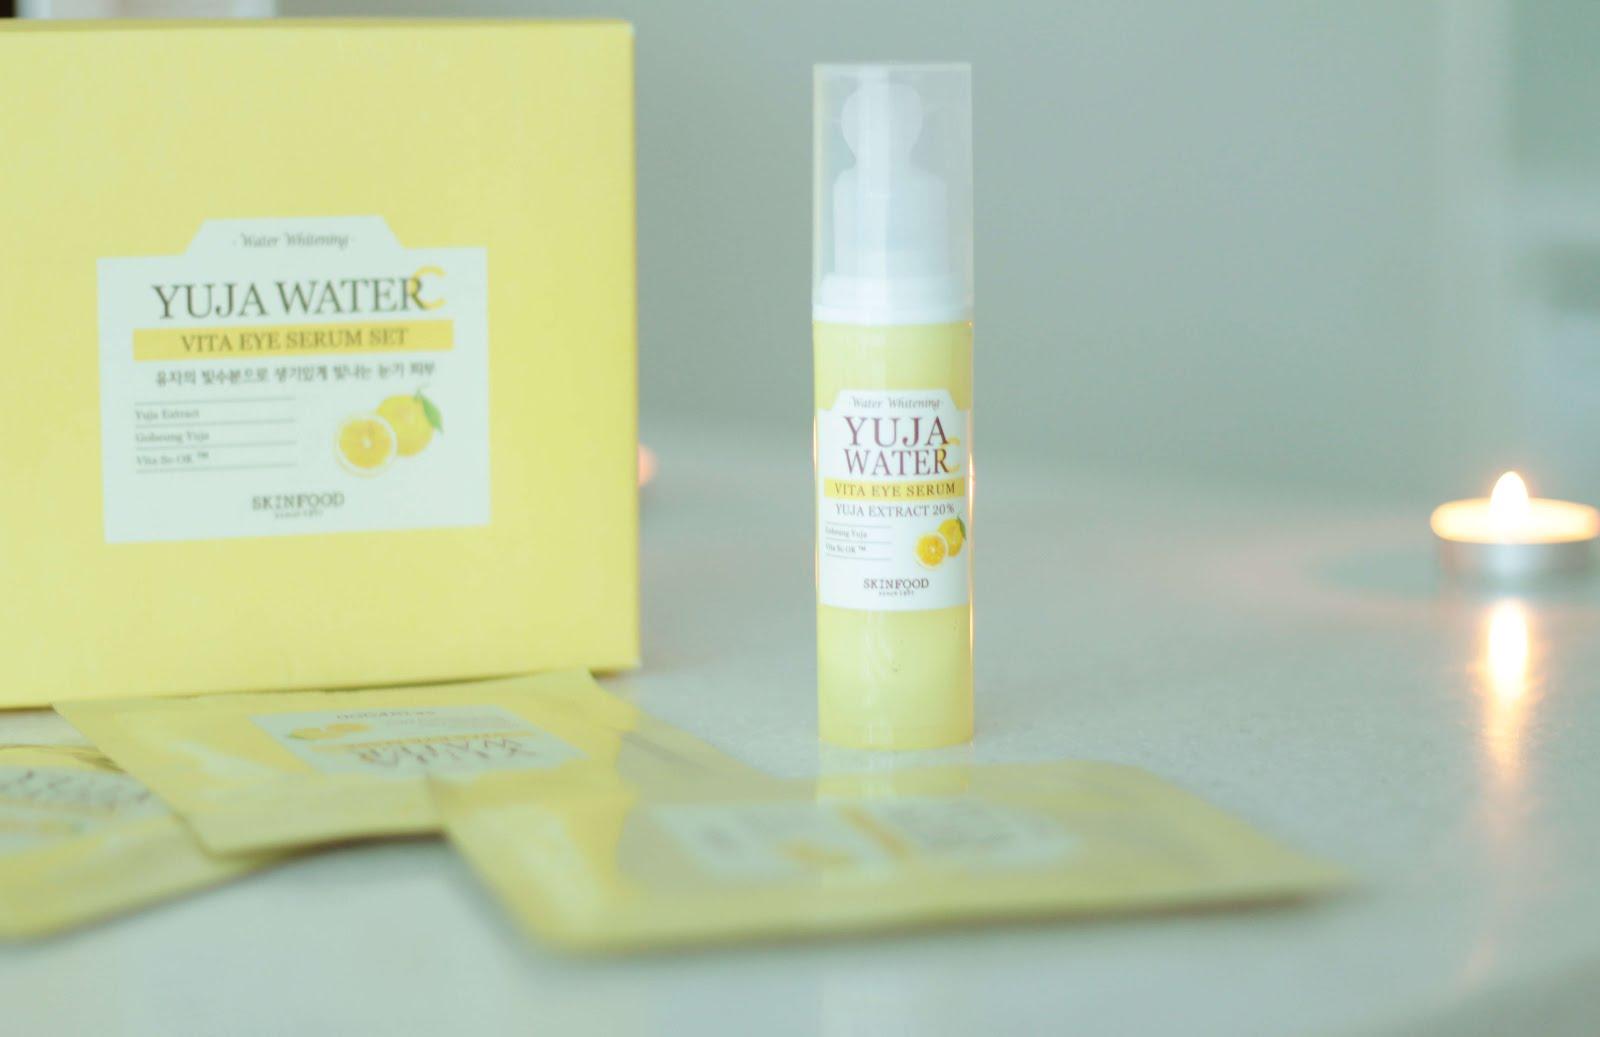 skinfood yuja water vita eye serum set